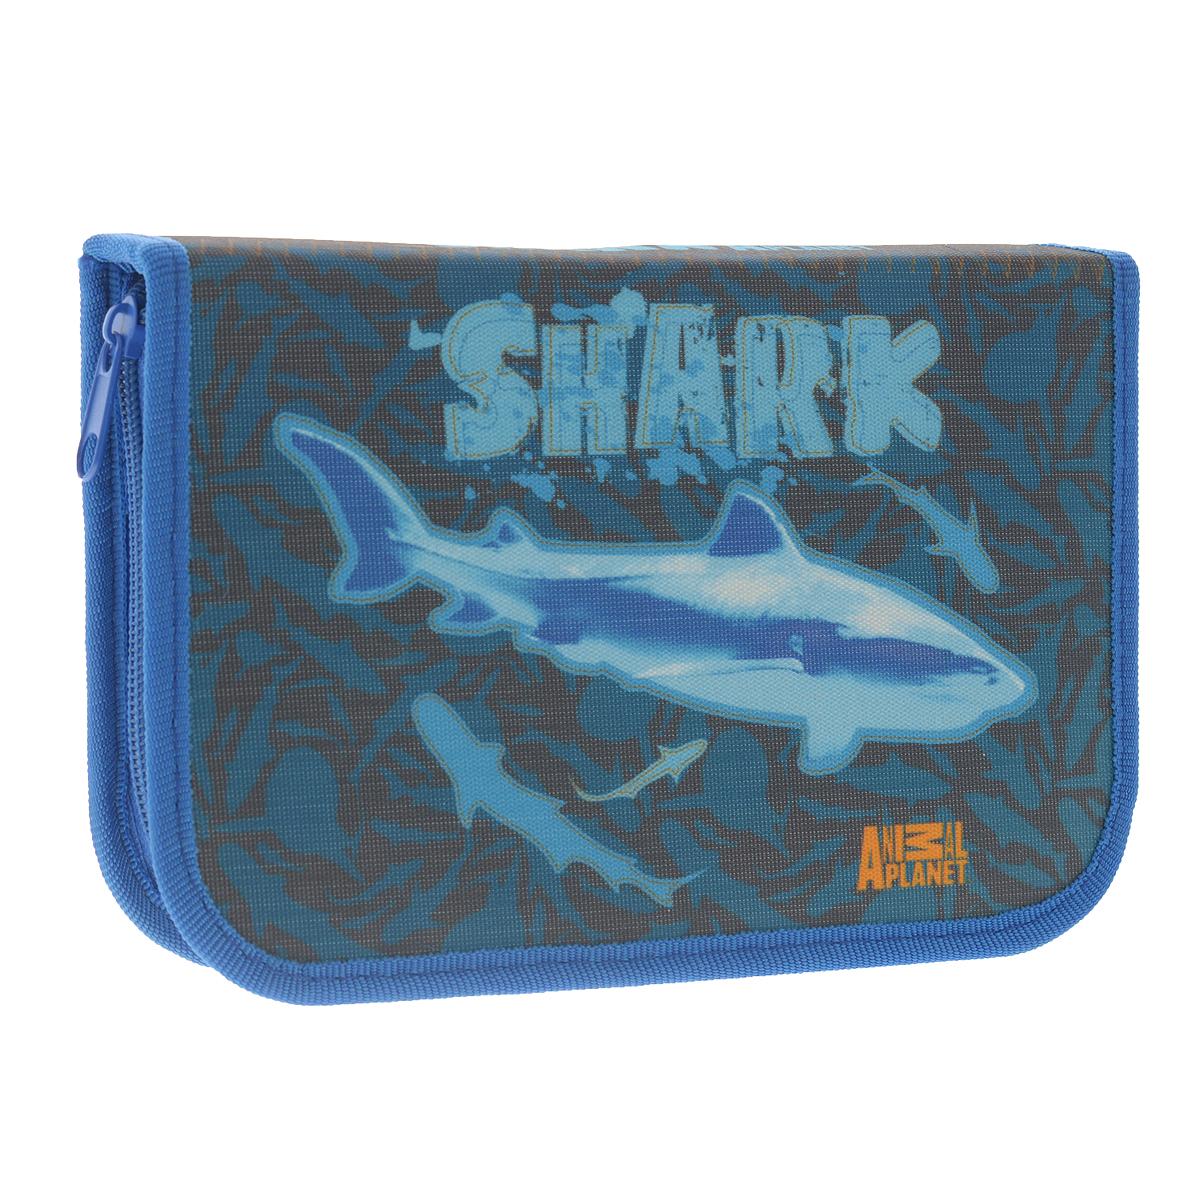 Пенал Action! Animal Planet: Shark, цвет: синийAP-APC4201/5Пенал Action! Animal Planet: Shark состоит из одного вместительного отделения, закрывающегося на застежку-молнию. Пенал предназначен специально для школьников, в нем можно хранить все письменные принадлежности.